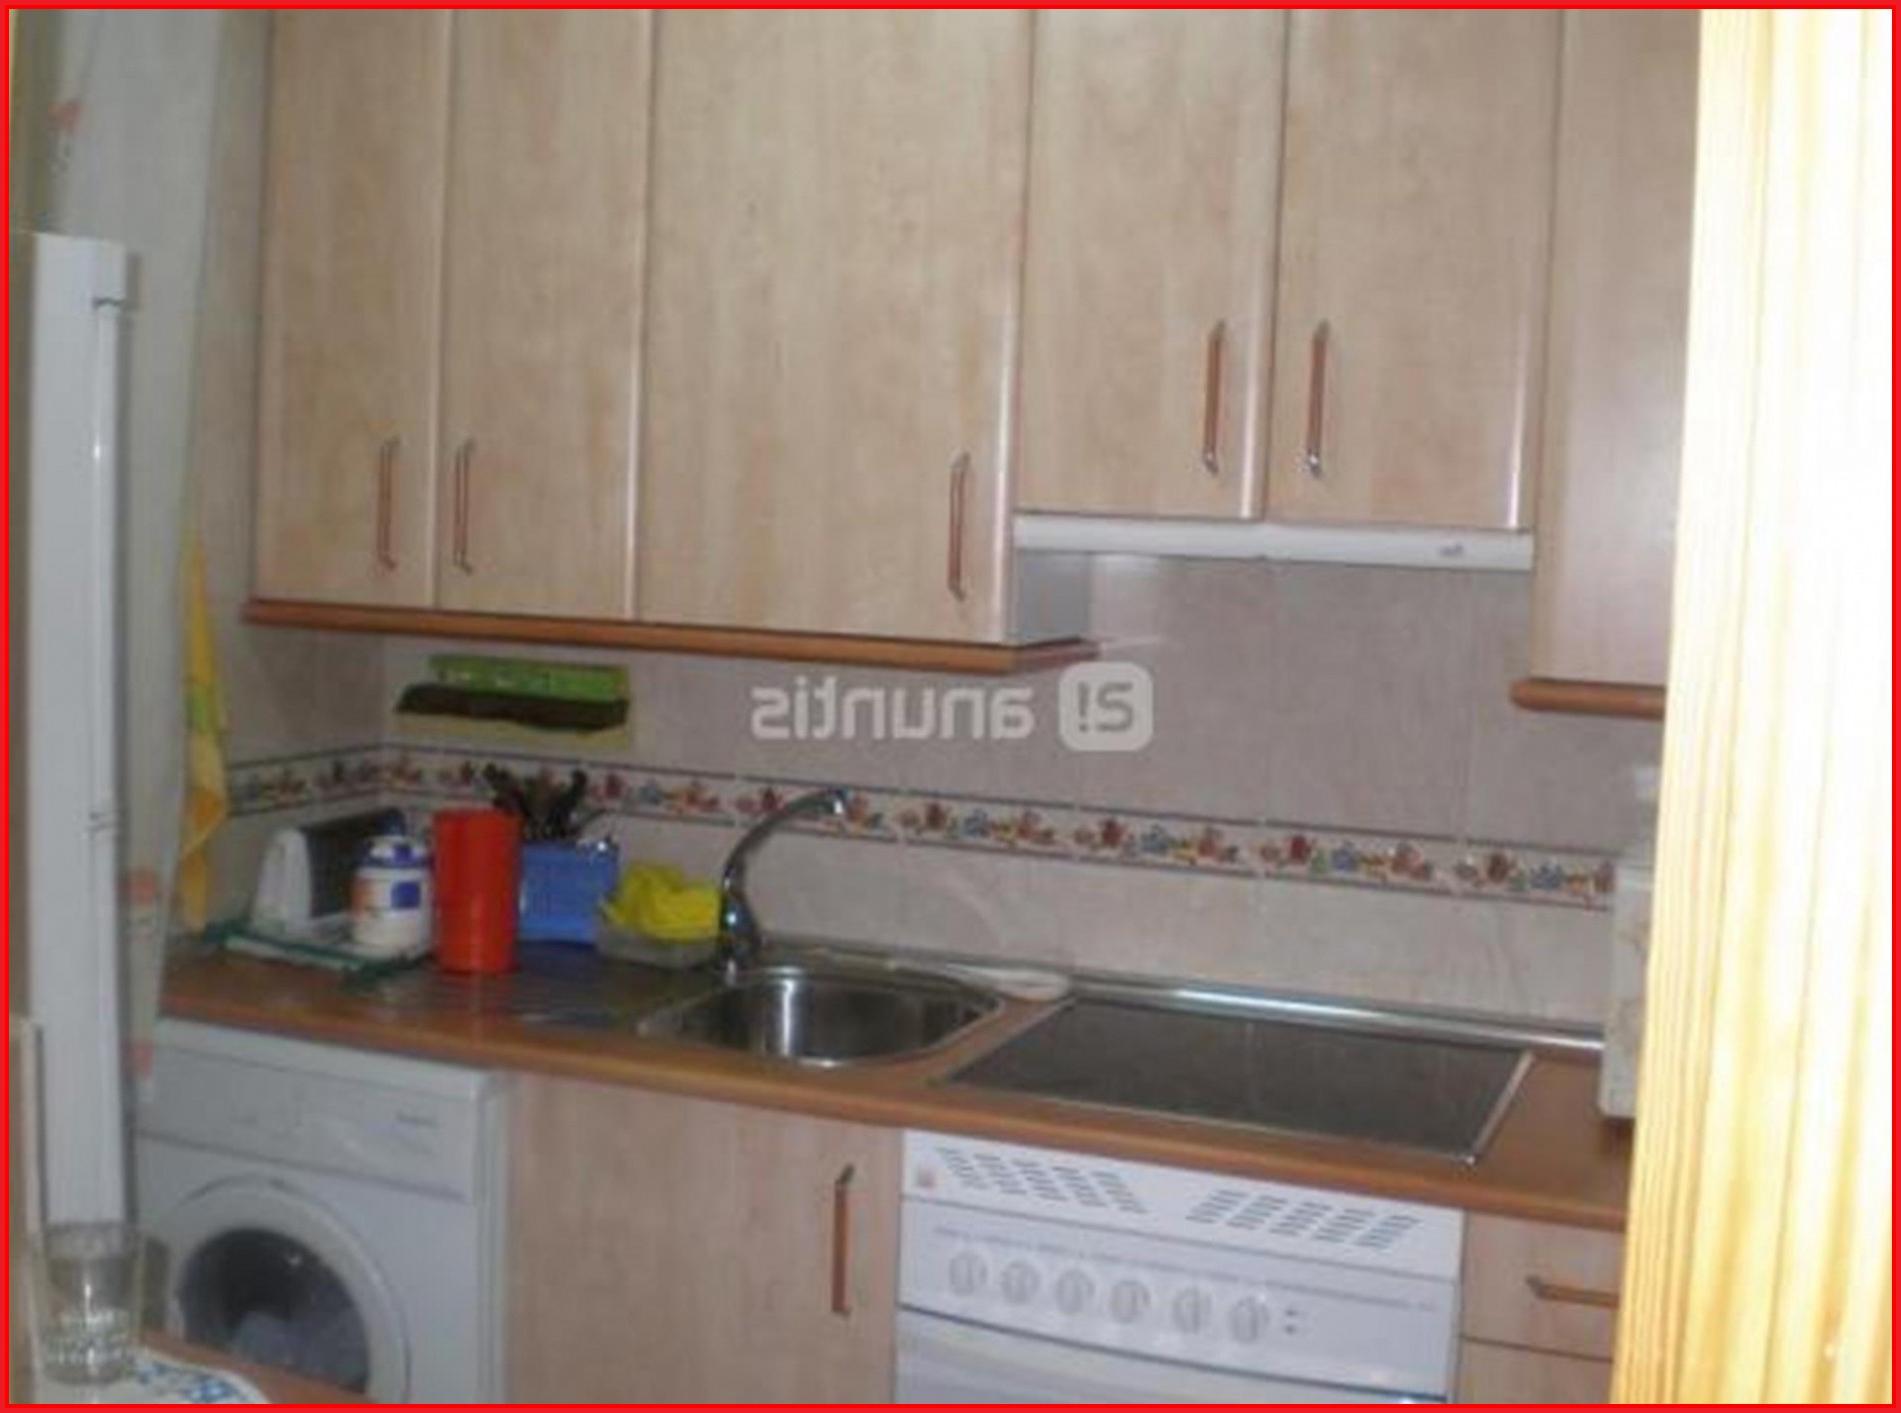 Milanuncios Muebles De Cocina Dwdk Mil Anuncios Muebles Cocina Baà O ...